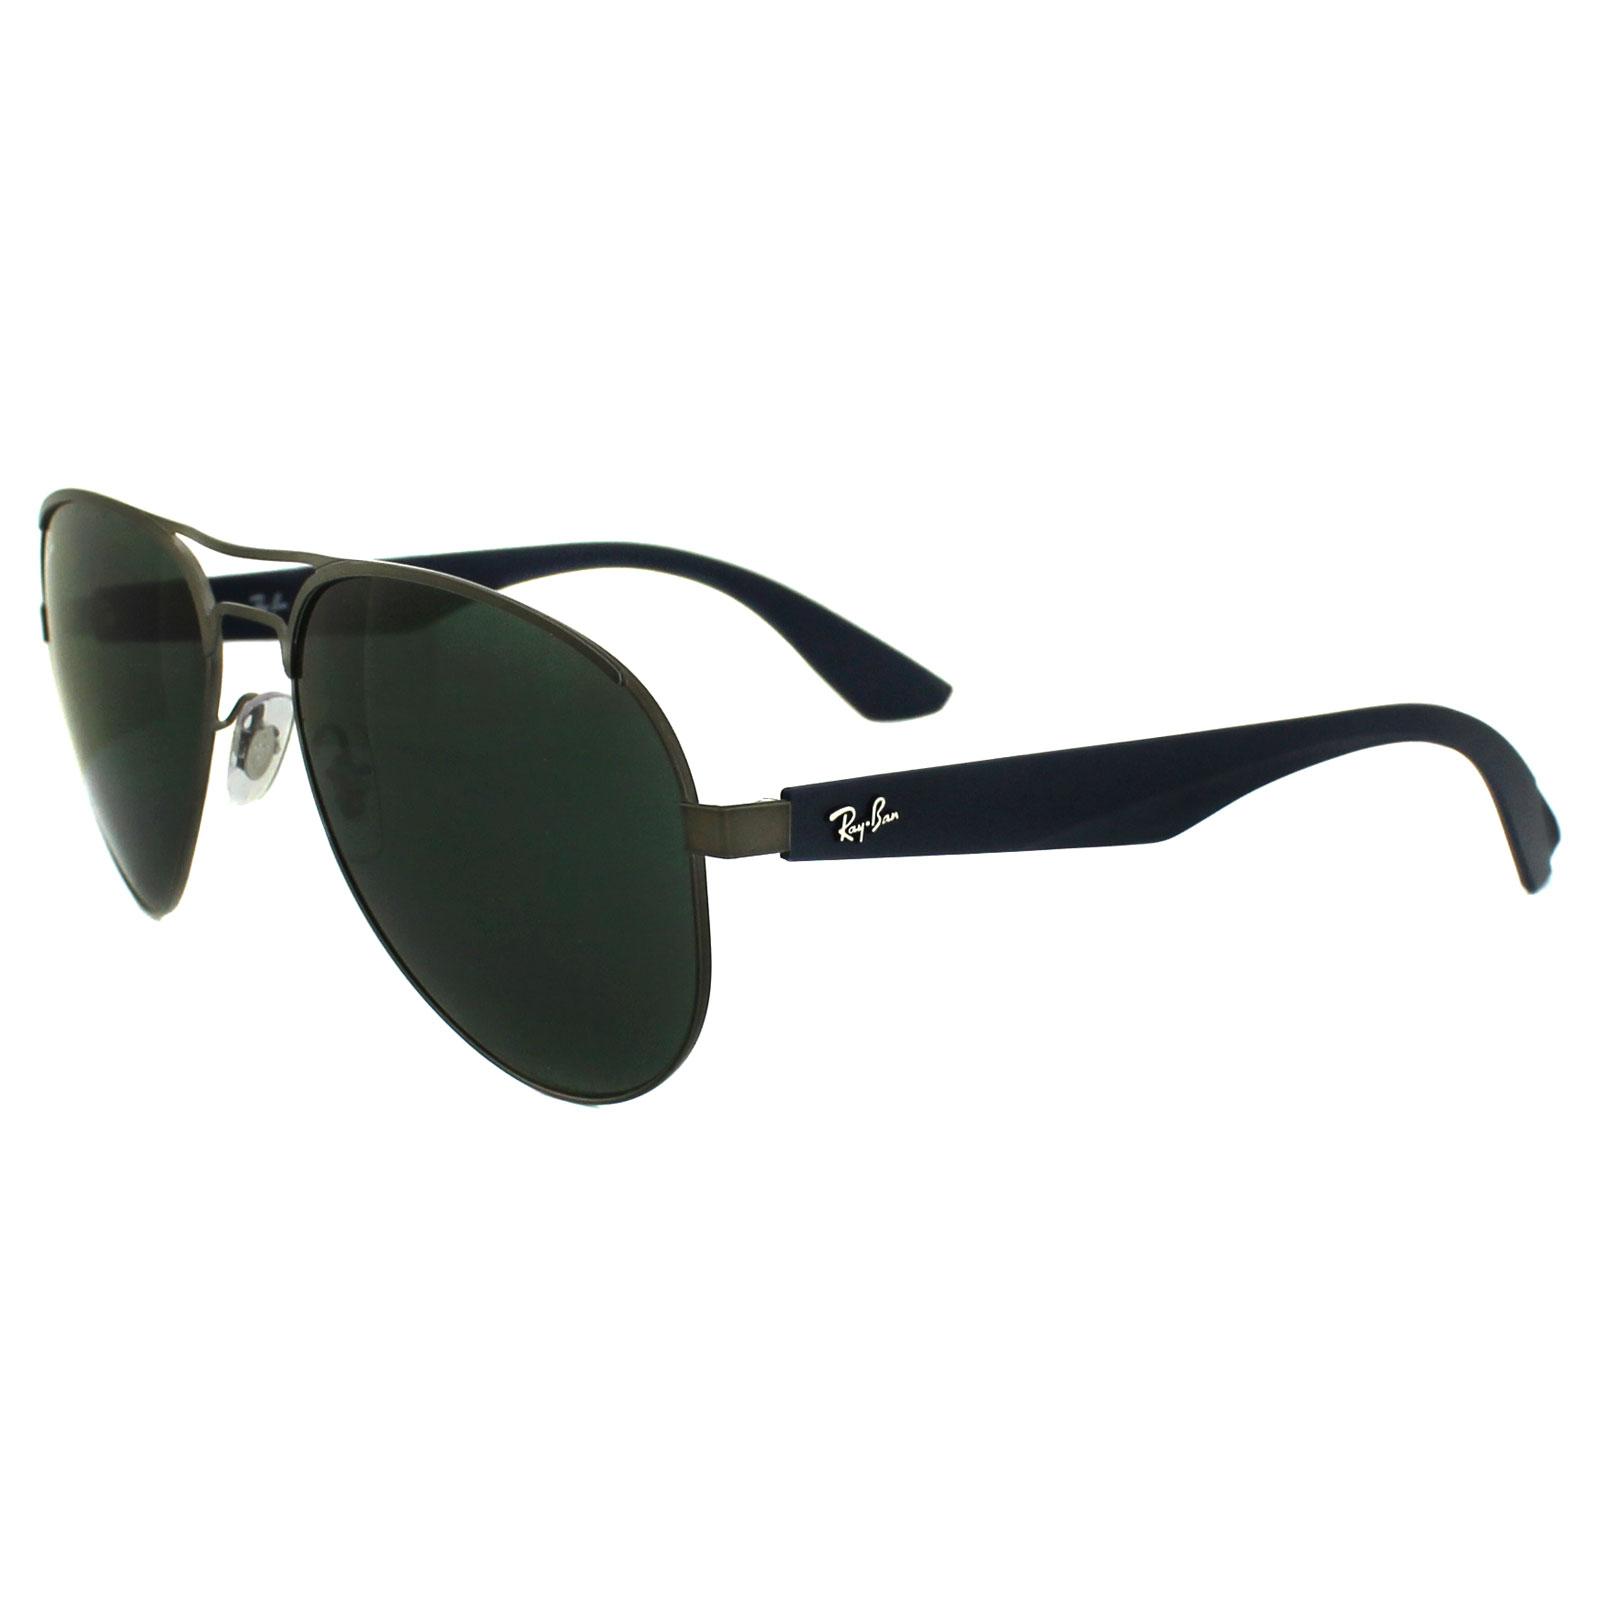 ray bans cheap aviators  Cheap Ray-Ban 3523 Sunglasses - Discounted Sunglasses